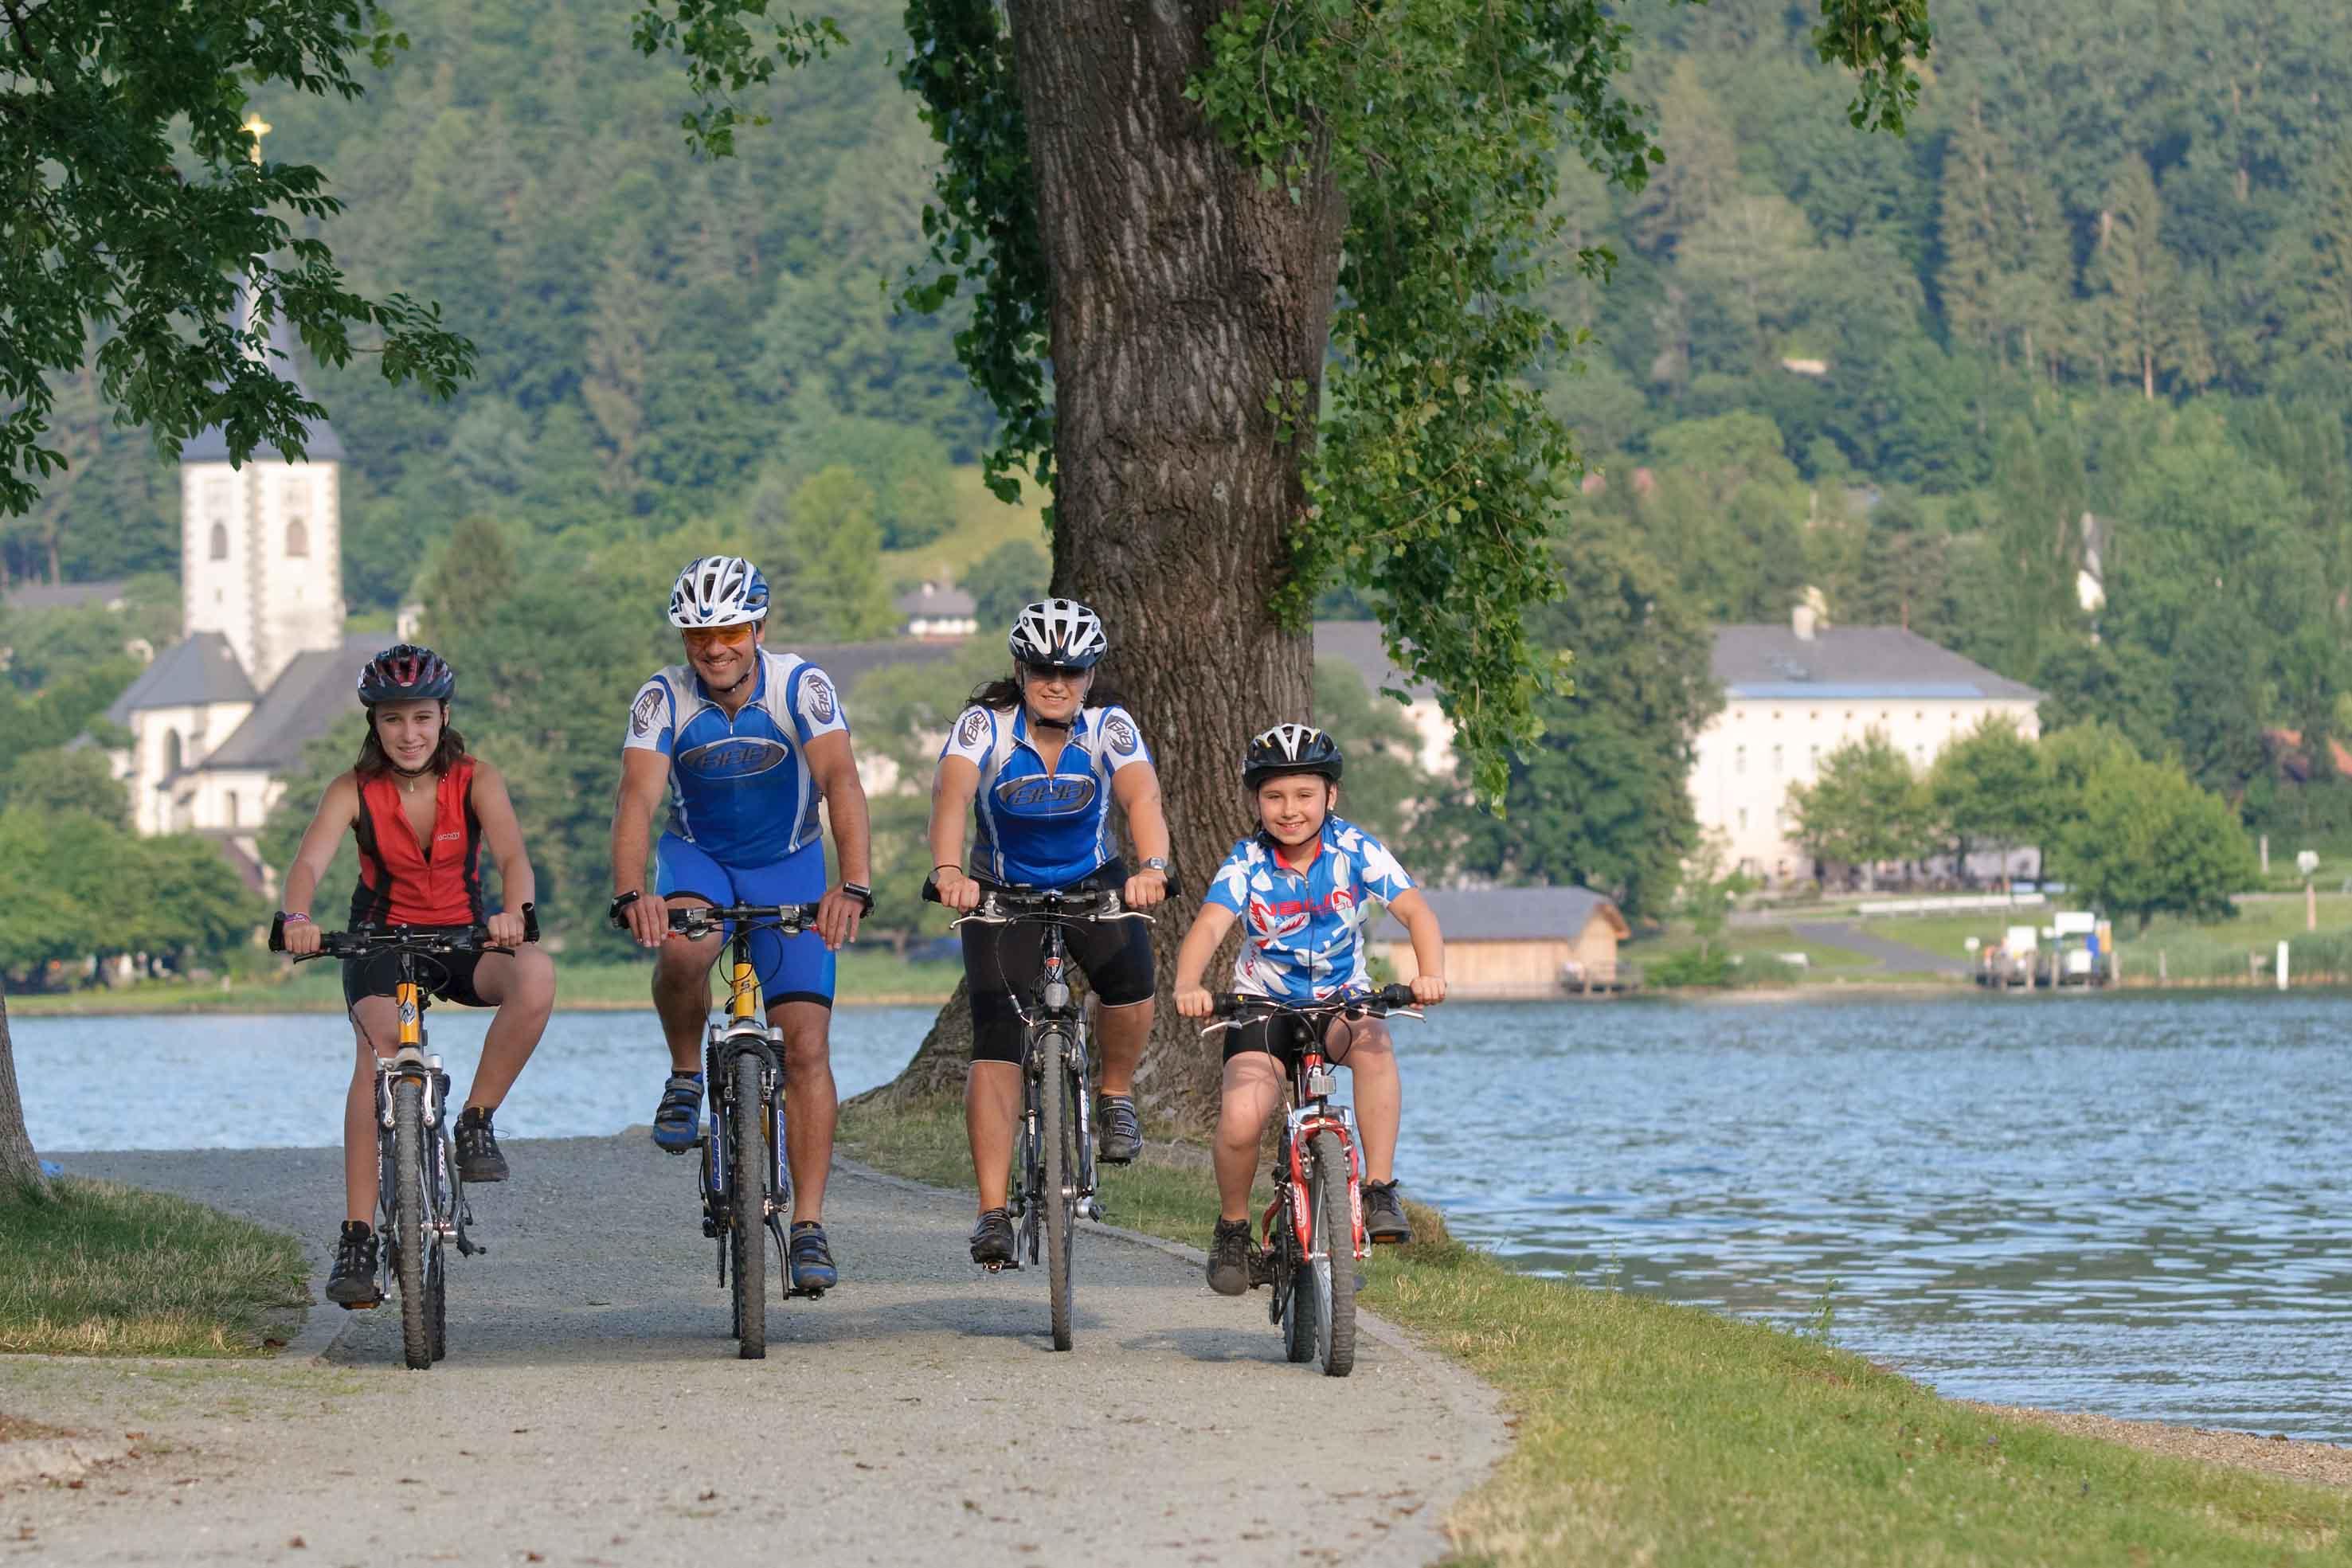 A Villach per una vacanza in bicicletta